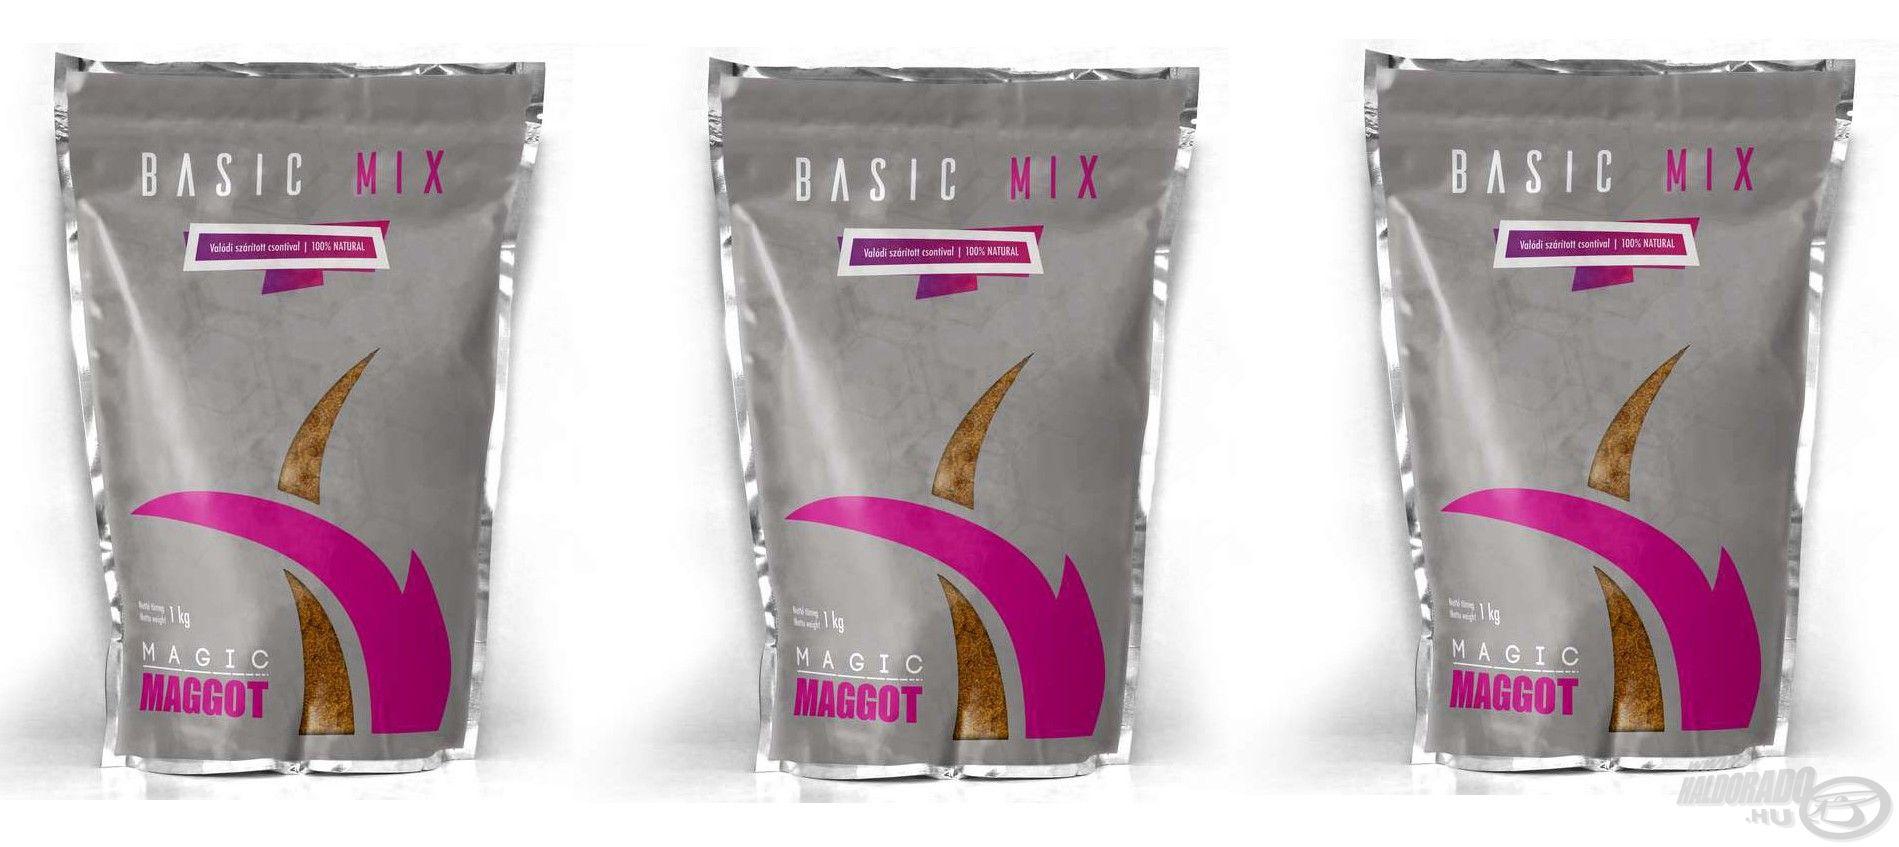 Három különböző tagot számlál a Magic Maggot Basic Mix etetőanyag család